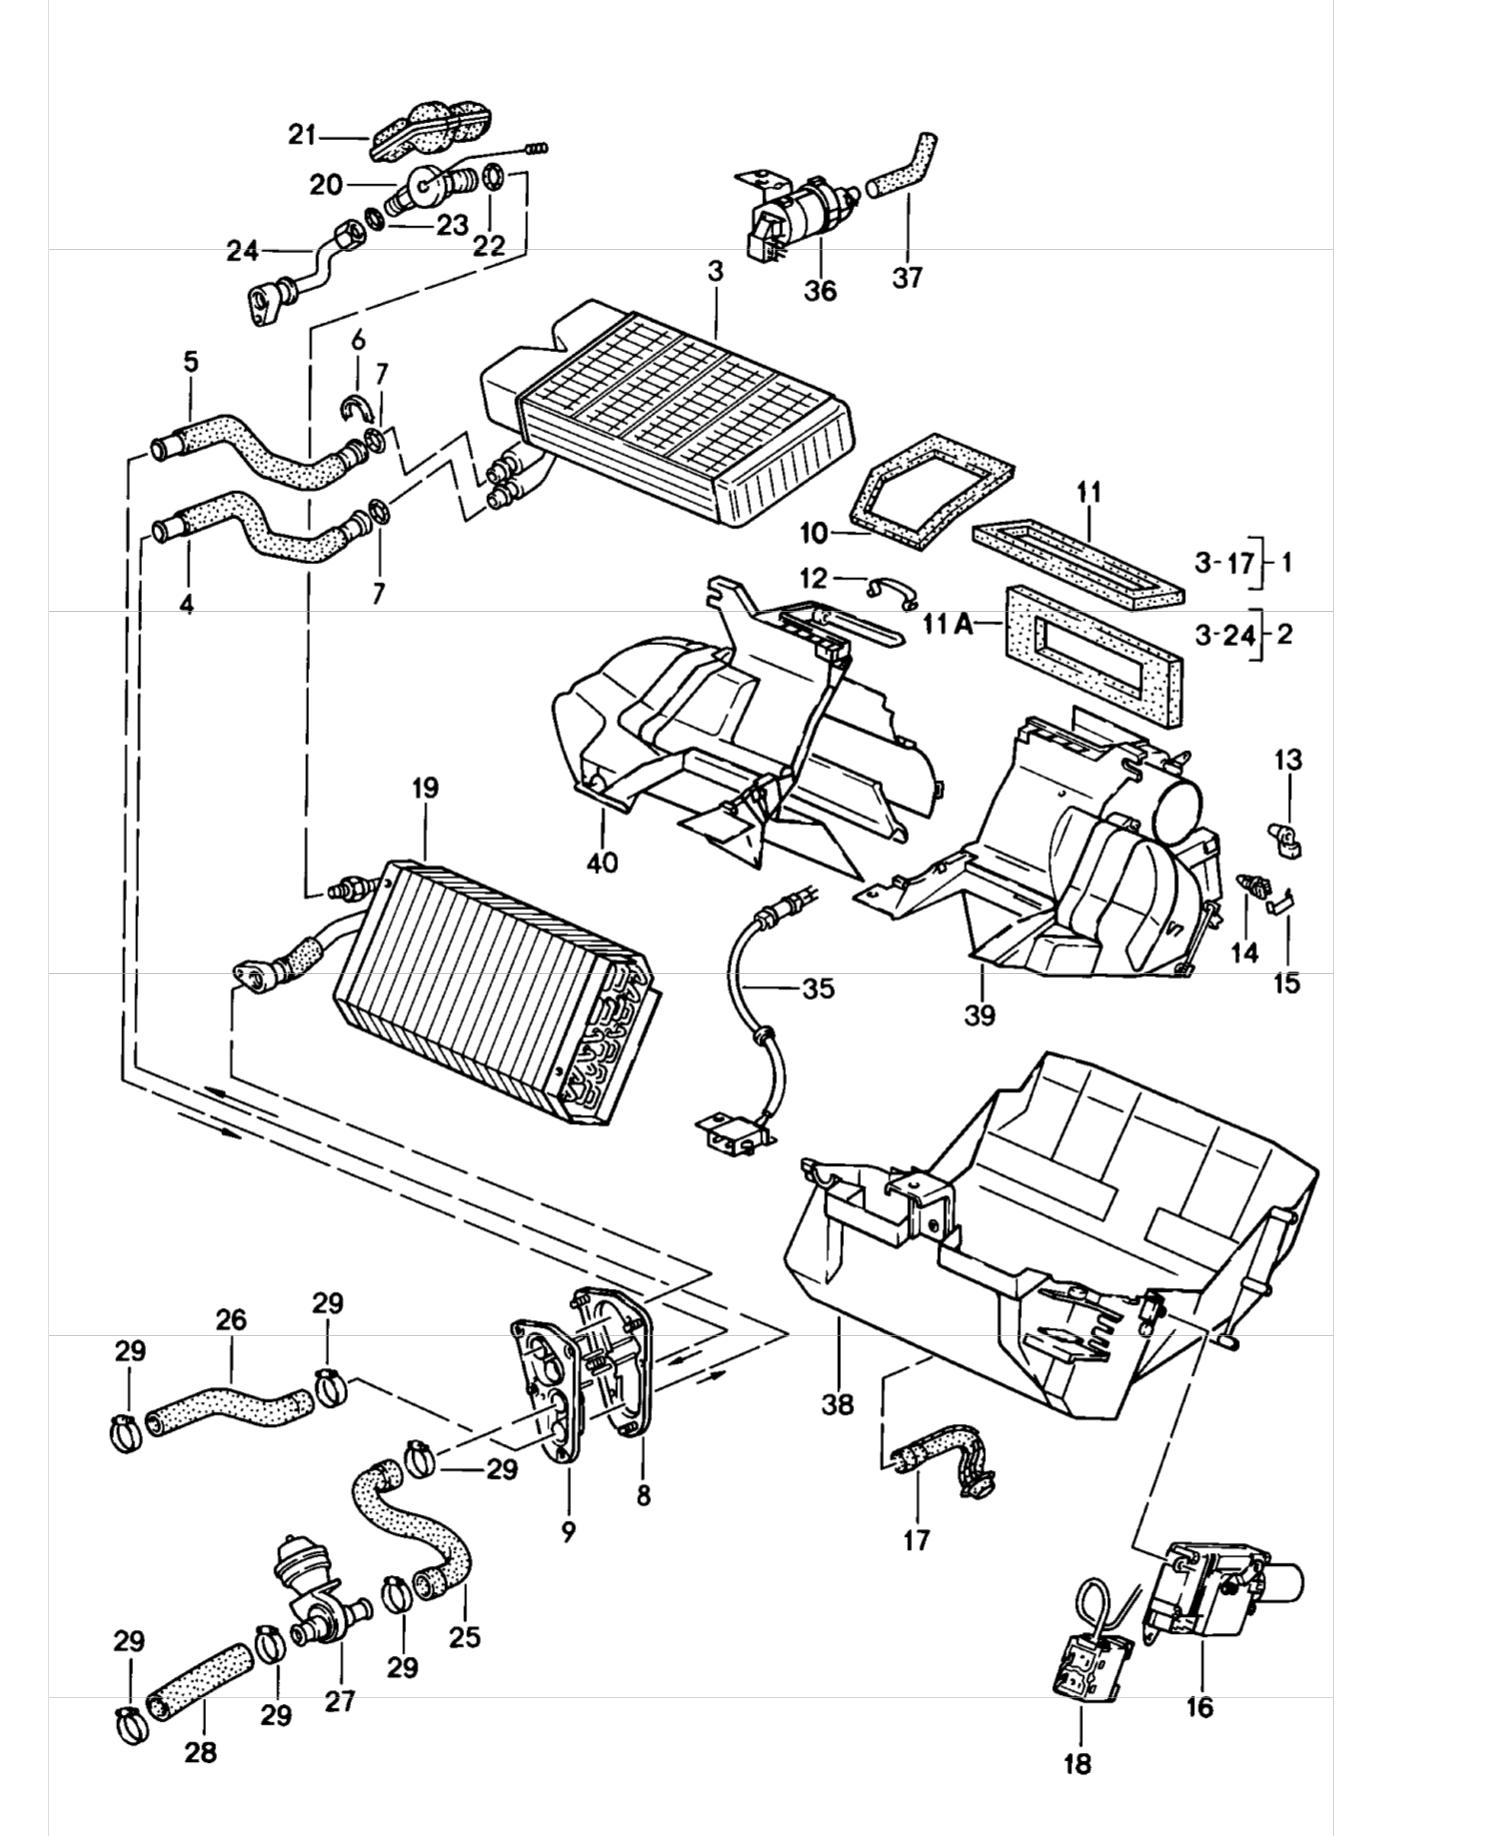 03 yamaha r1 wiring diagram